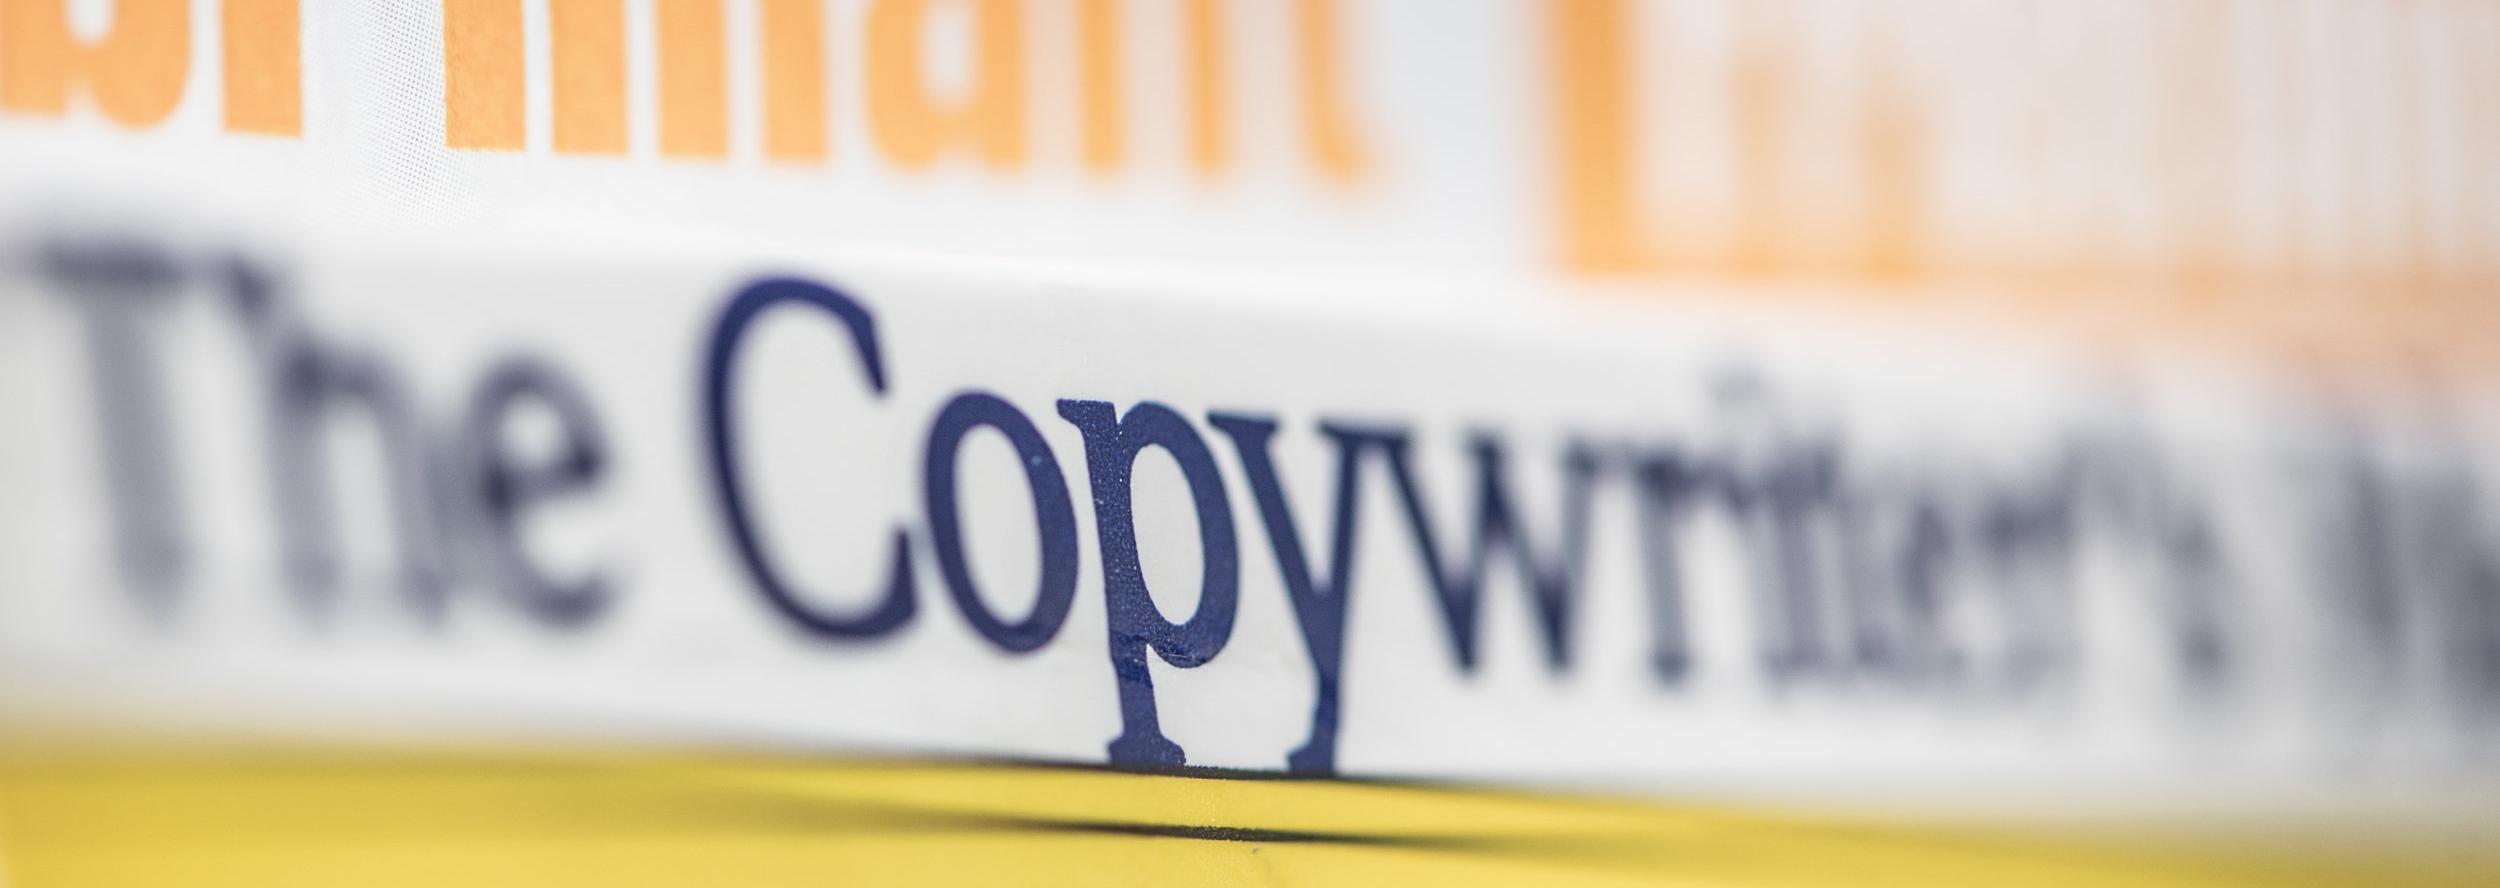 Copywriting book spine.jpg